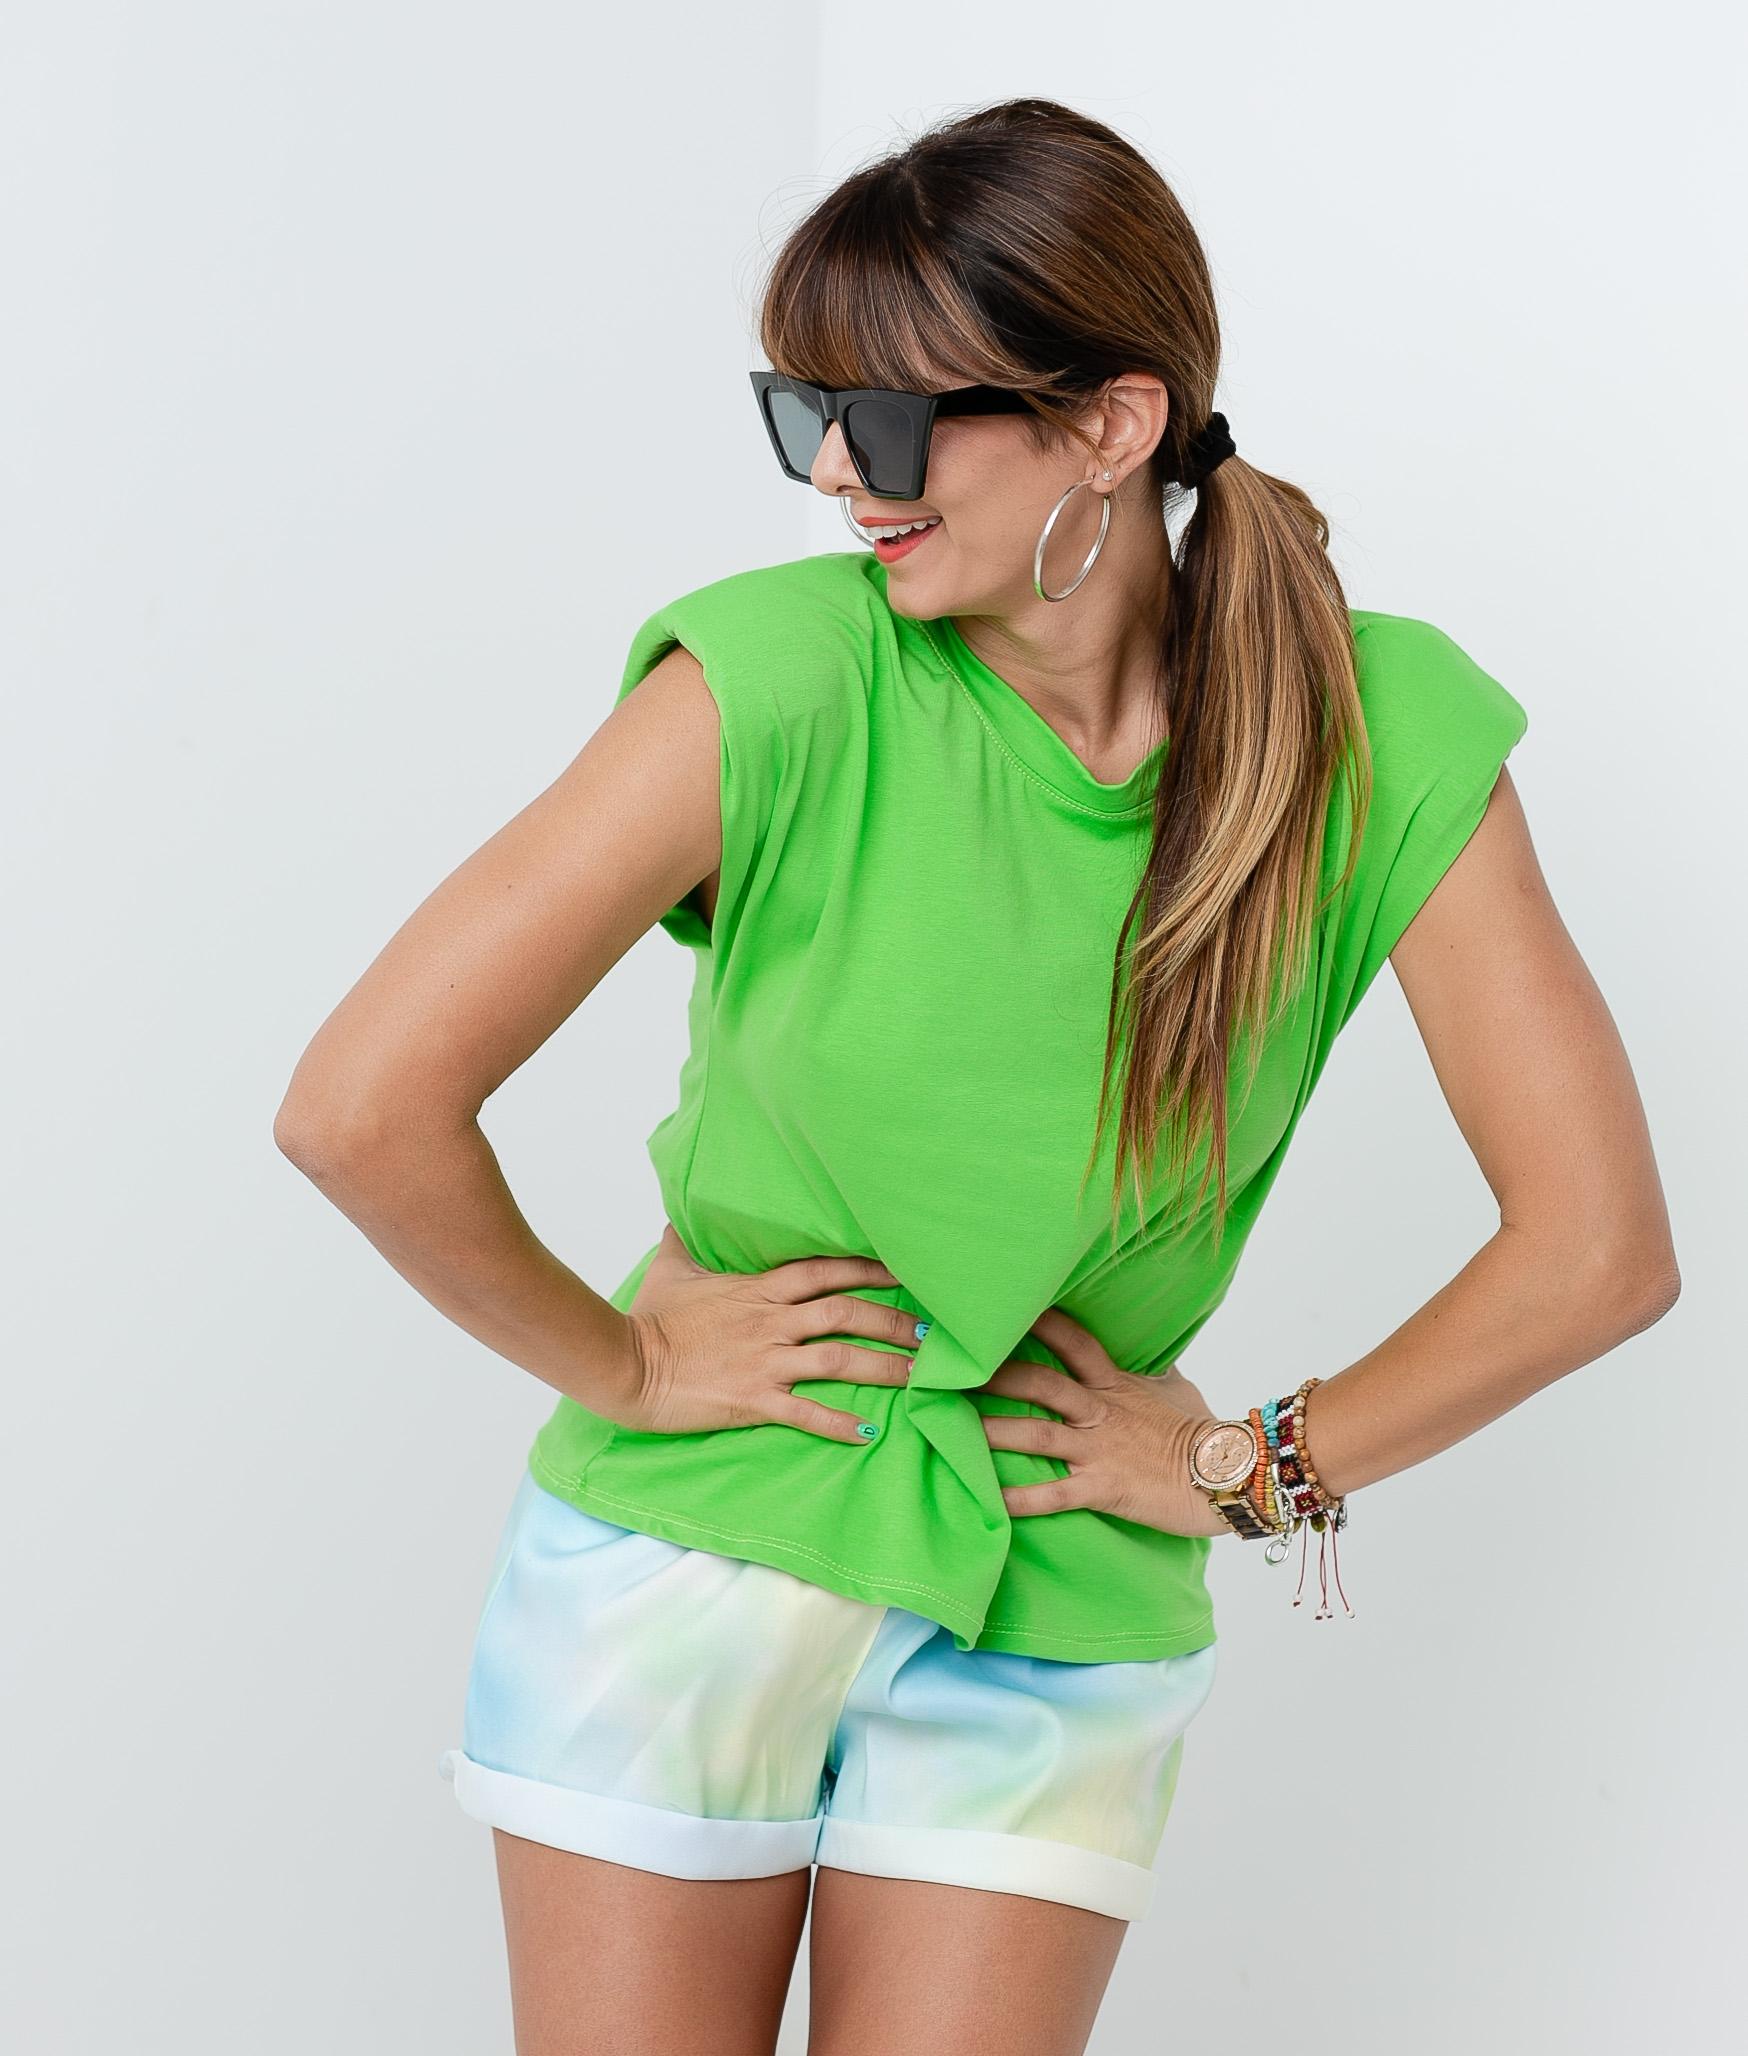 Chemise California Épaulettes - Vert fluorescent